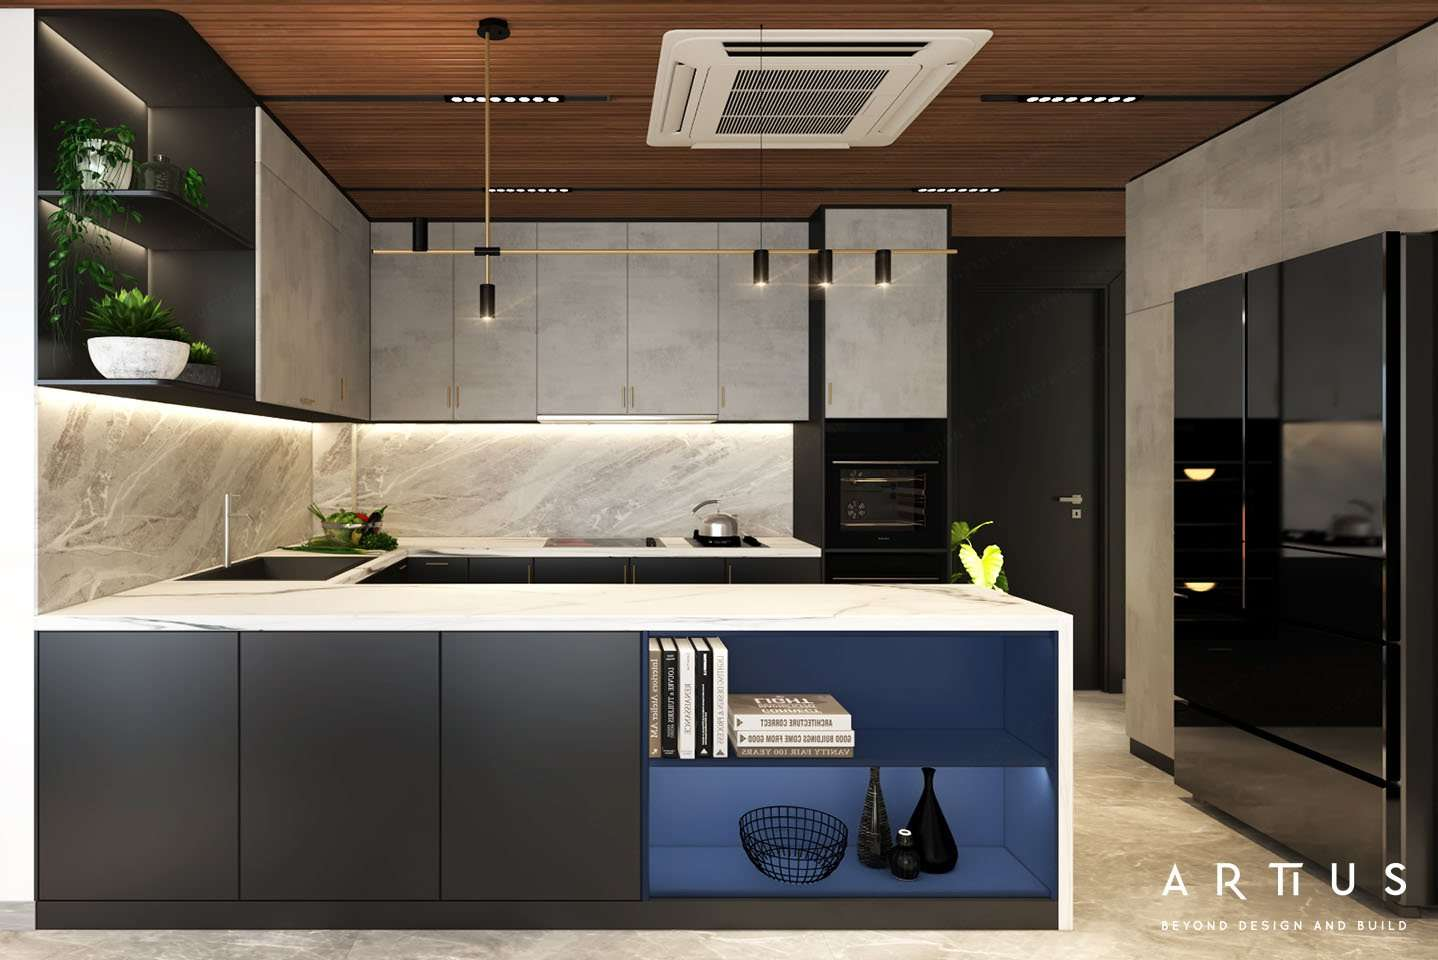 Thiết kế không gian bếp theo quy trình chế biển thực phẩm chuẩn